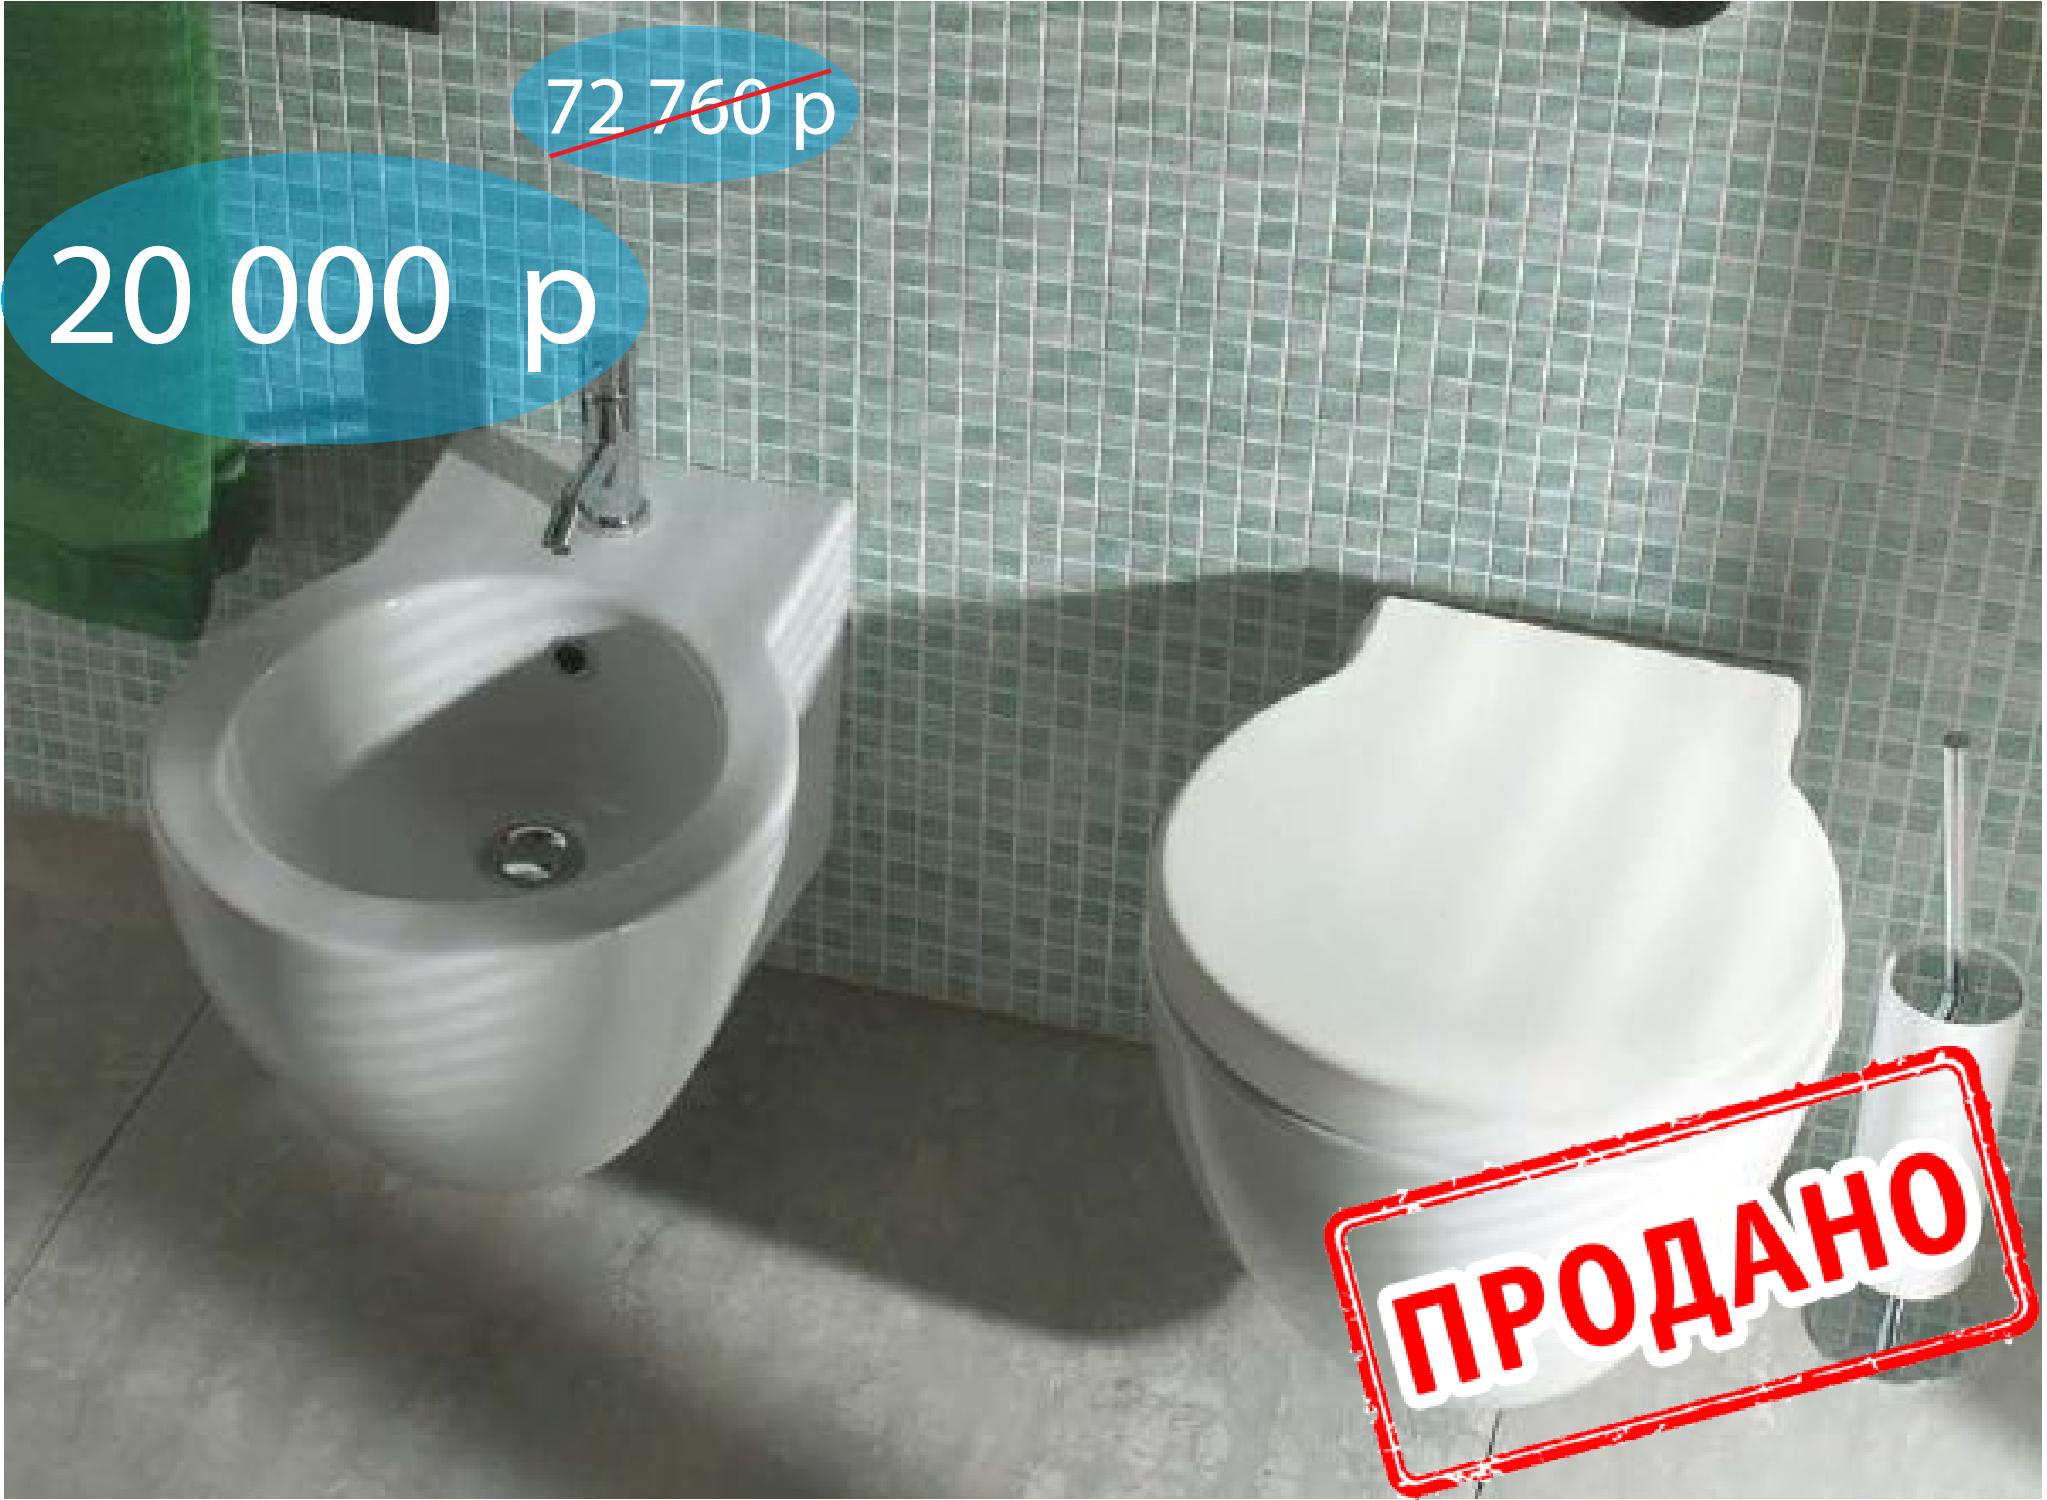 bowl-globo-toilet